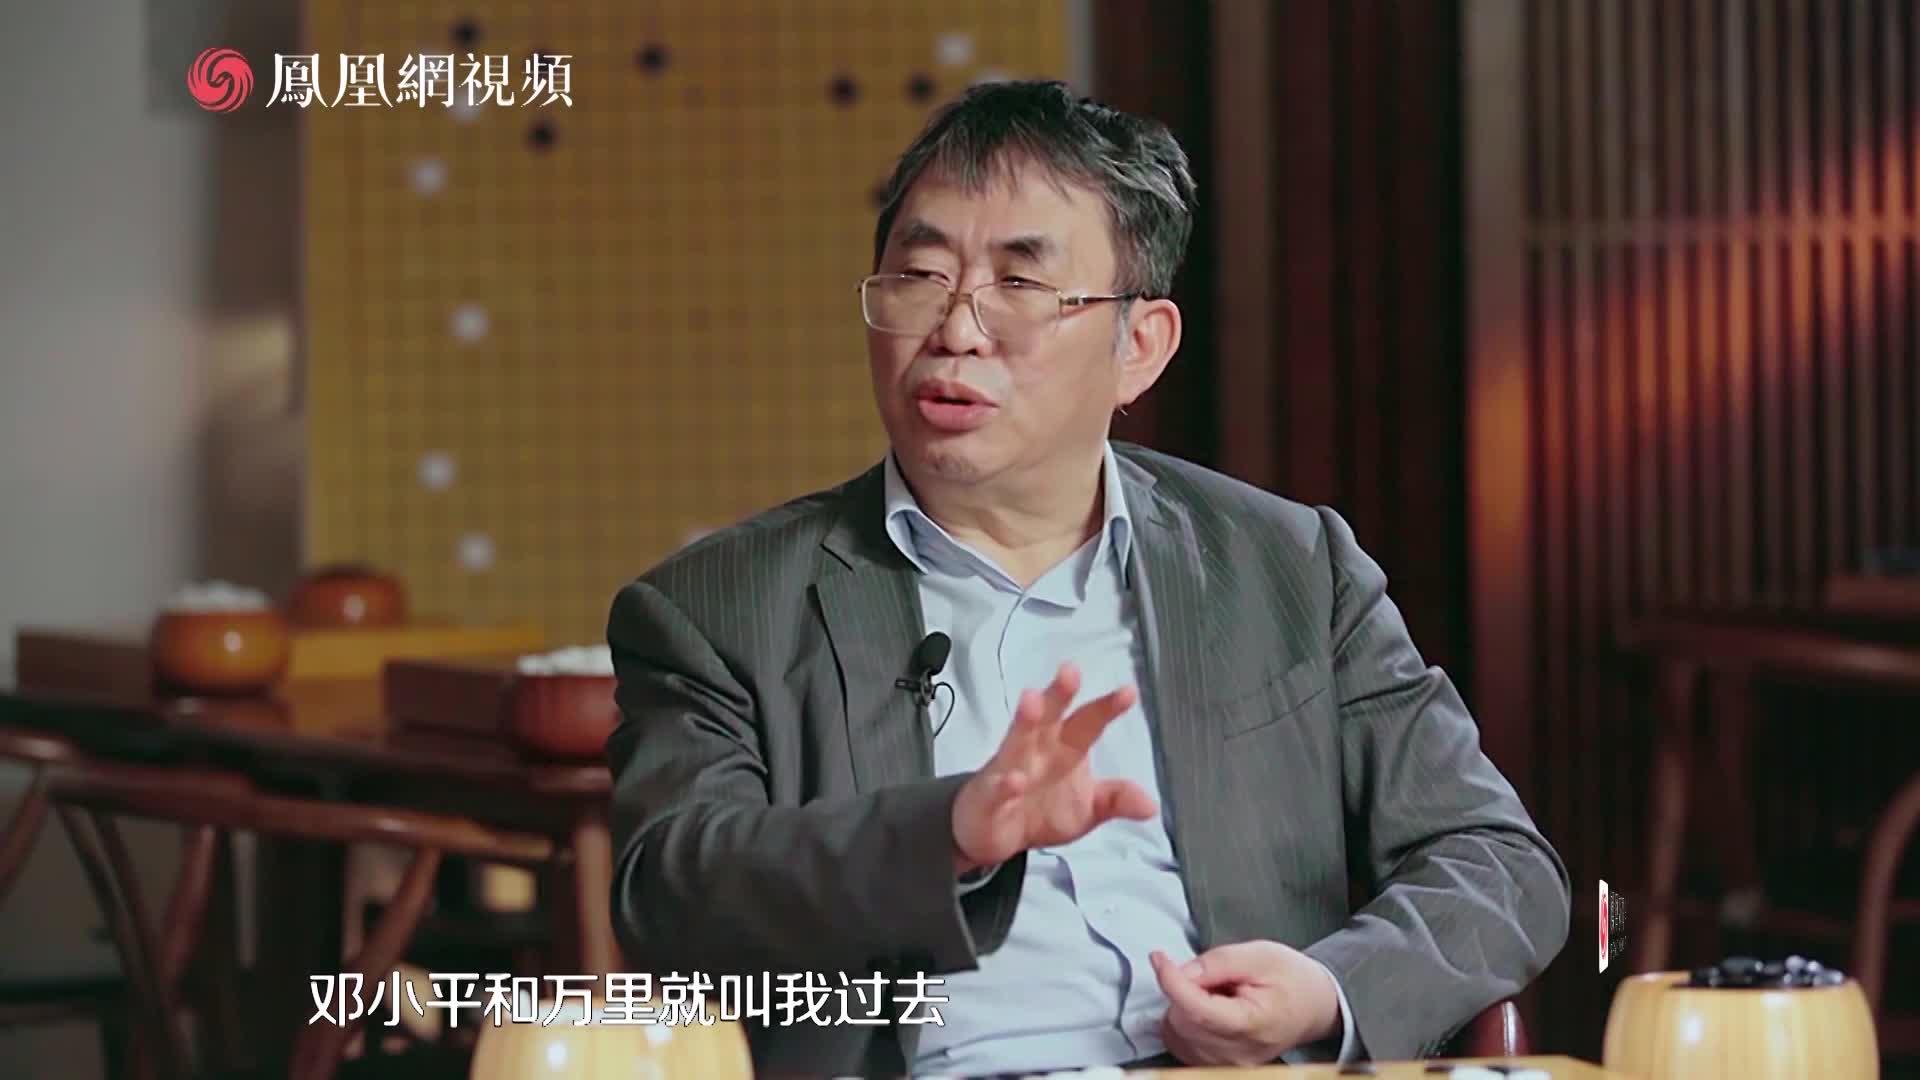 聂卫平1988年获封棋圣,邓小平:圣人不好当,还是老百姓好